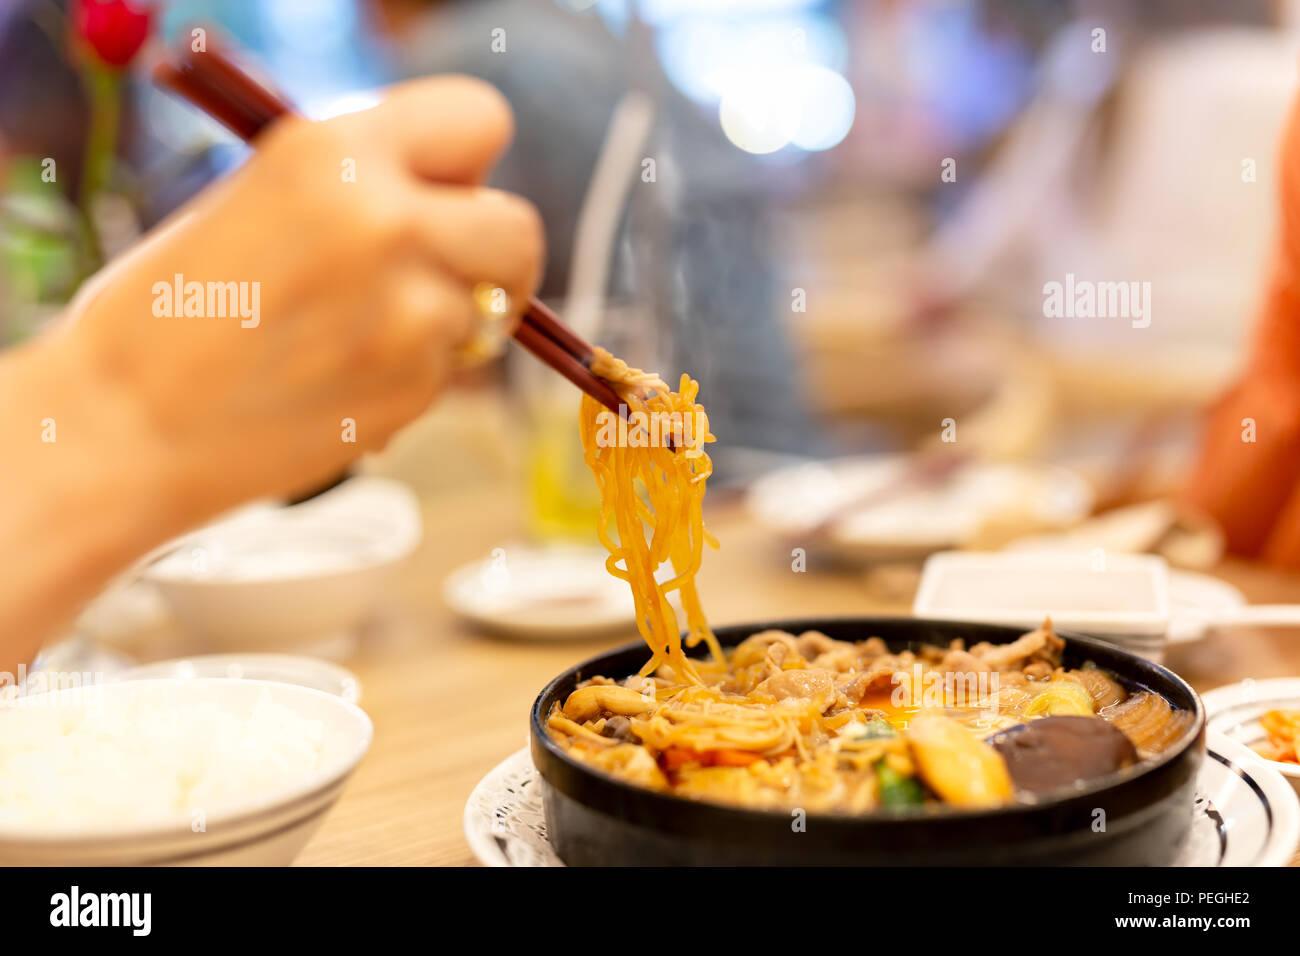 Mano con bacchette di mangiare giapponese udon noodles. Foto Stock